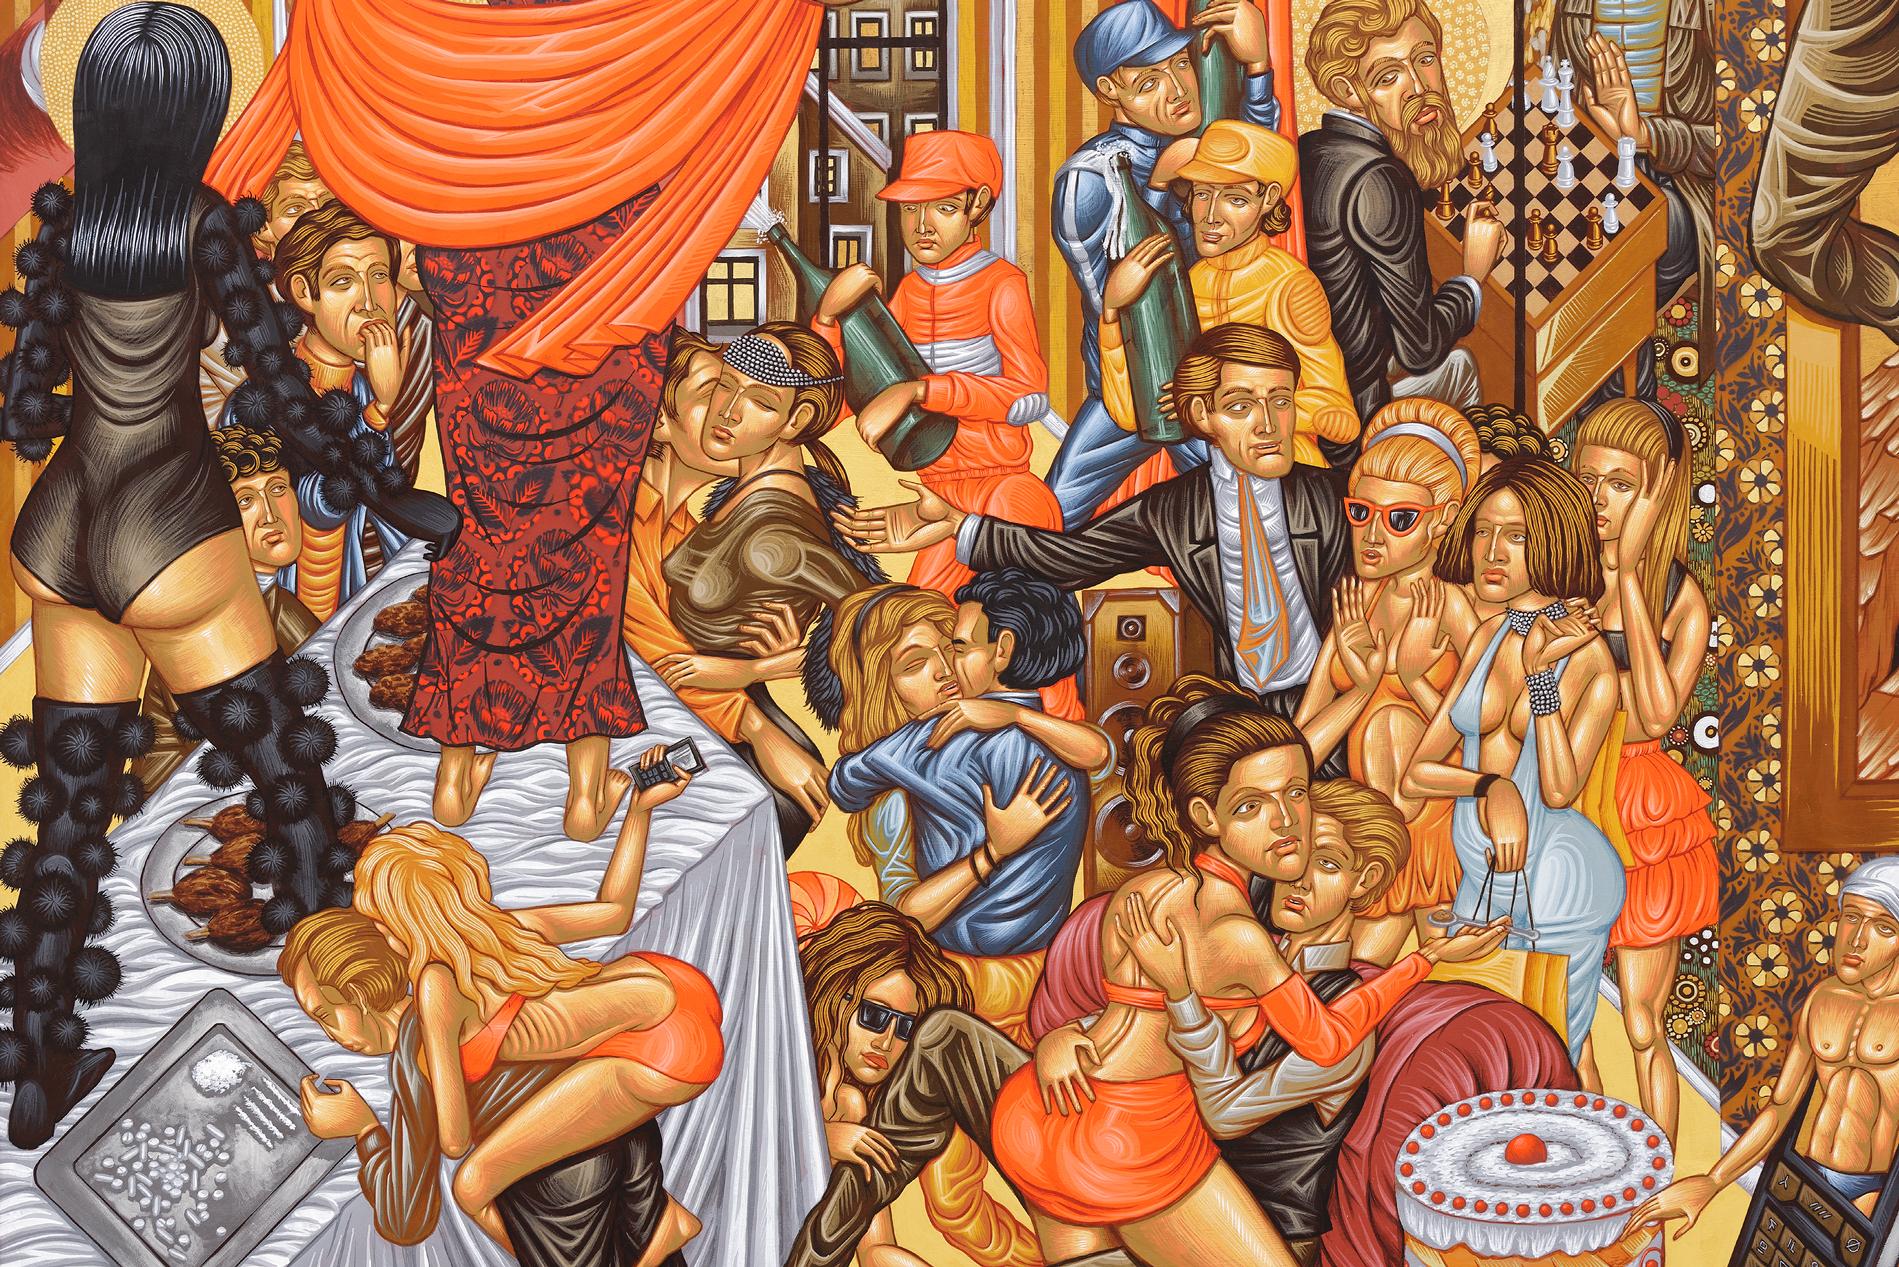 Stelios Faitakis   Untitled , 2012 Technique mixte sur toile 260 x 190 cm, détail  Crédit photo : Aurélien Mole